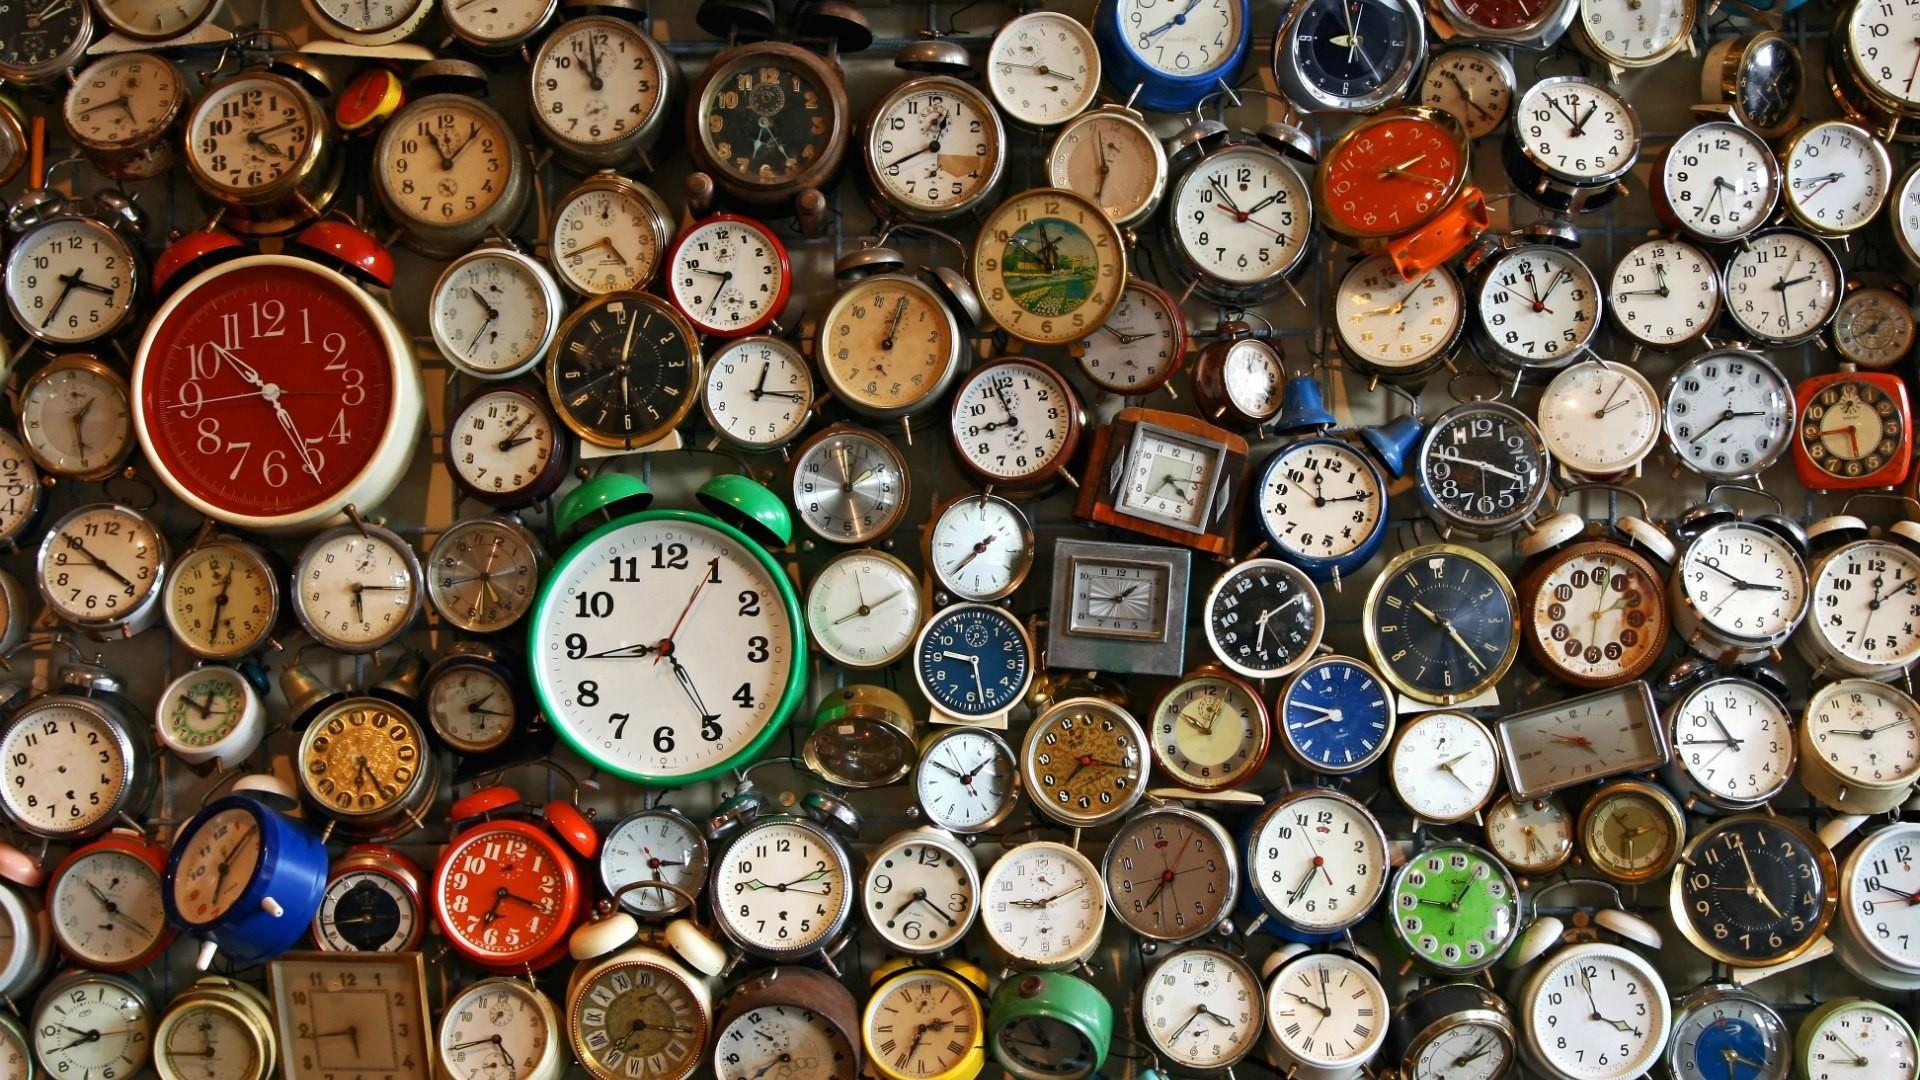 Time hd desktop wallpaper